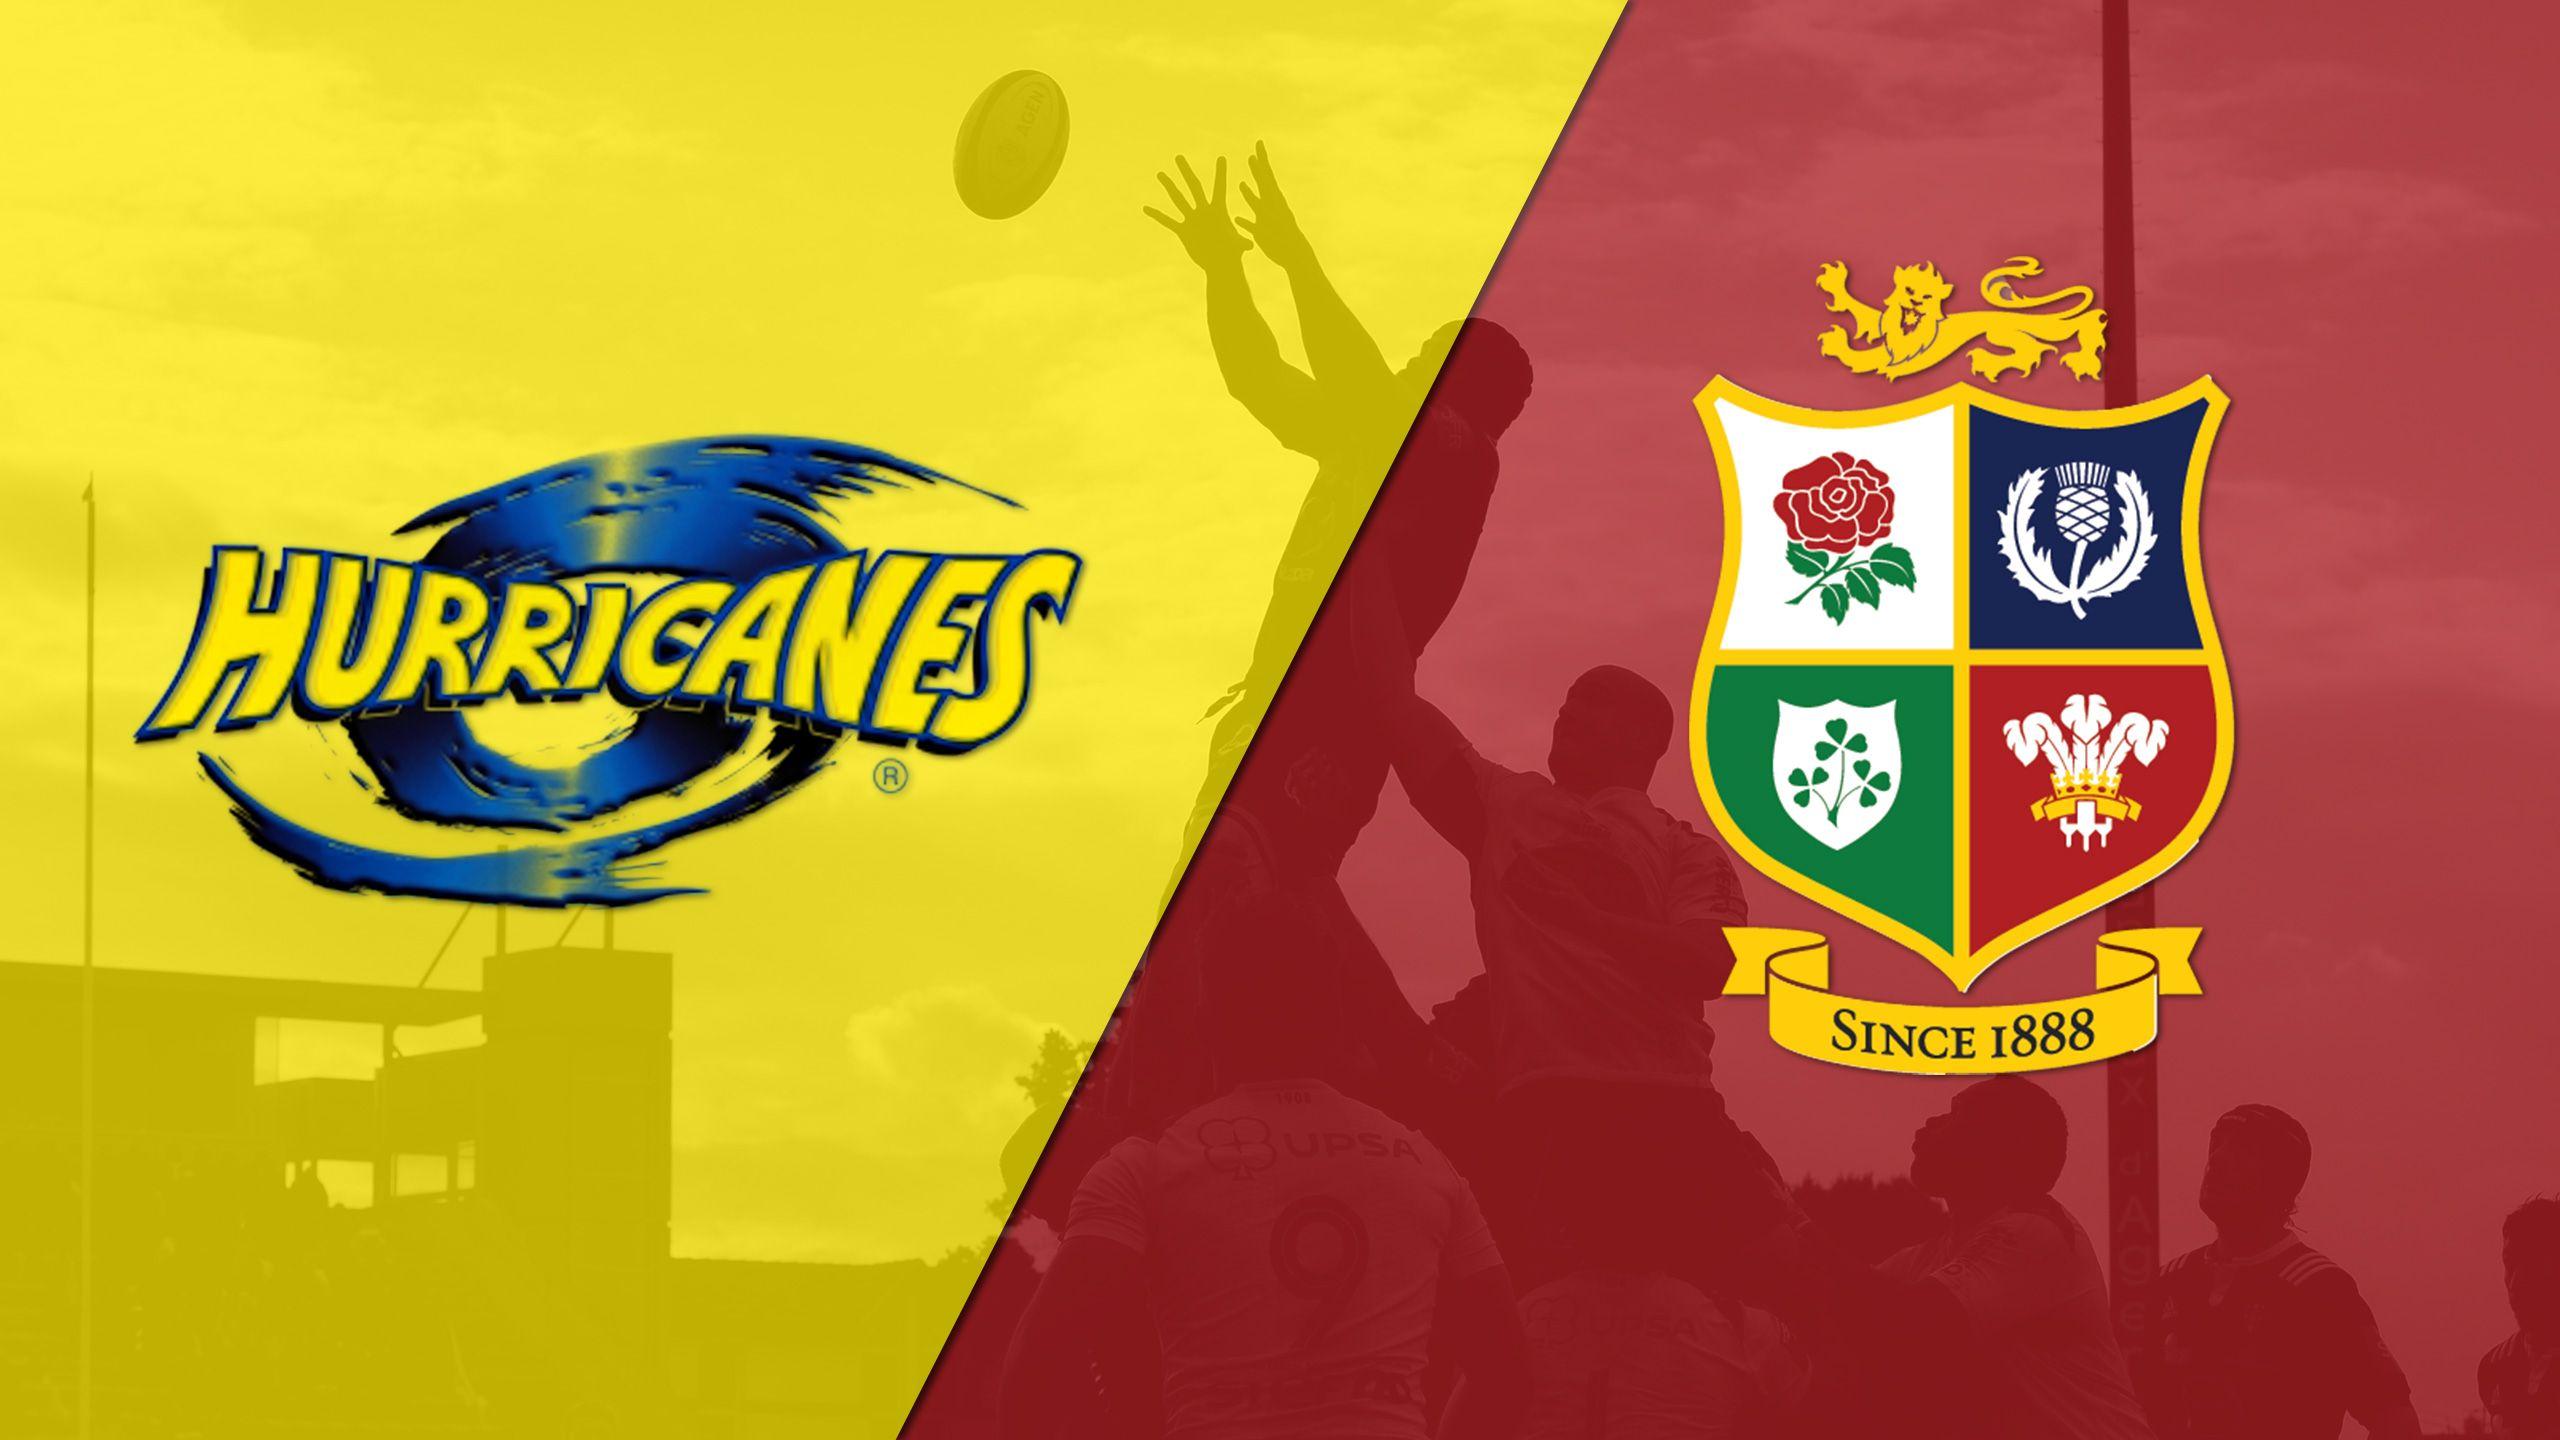 Hurricanes vs. British & Irish Lions (International Rugby)